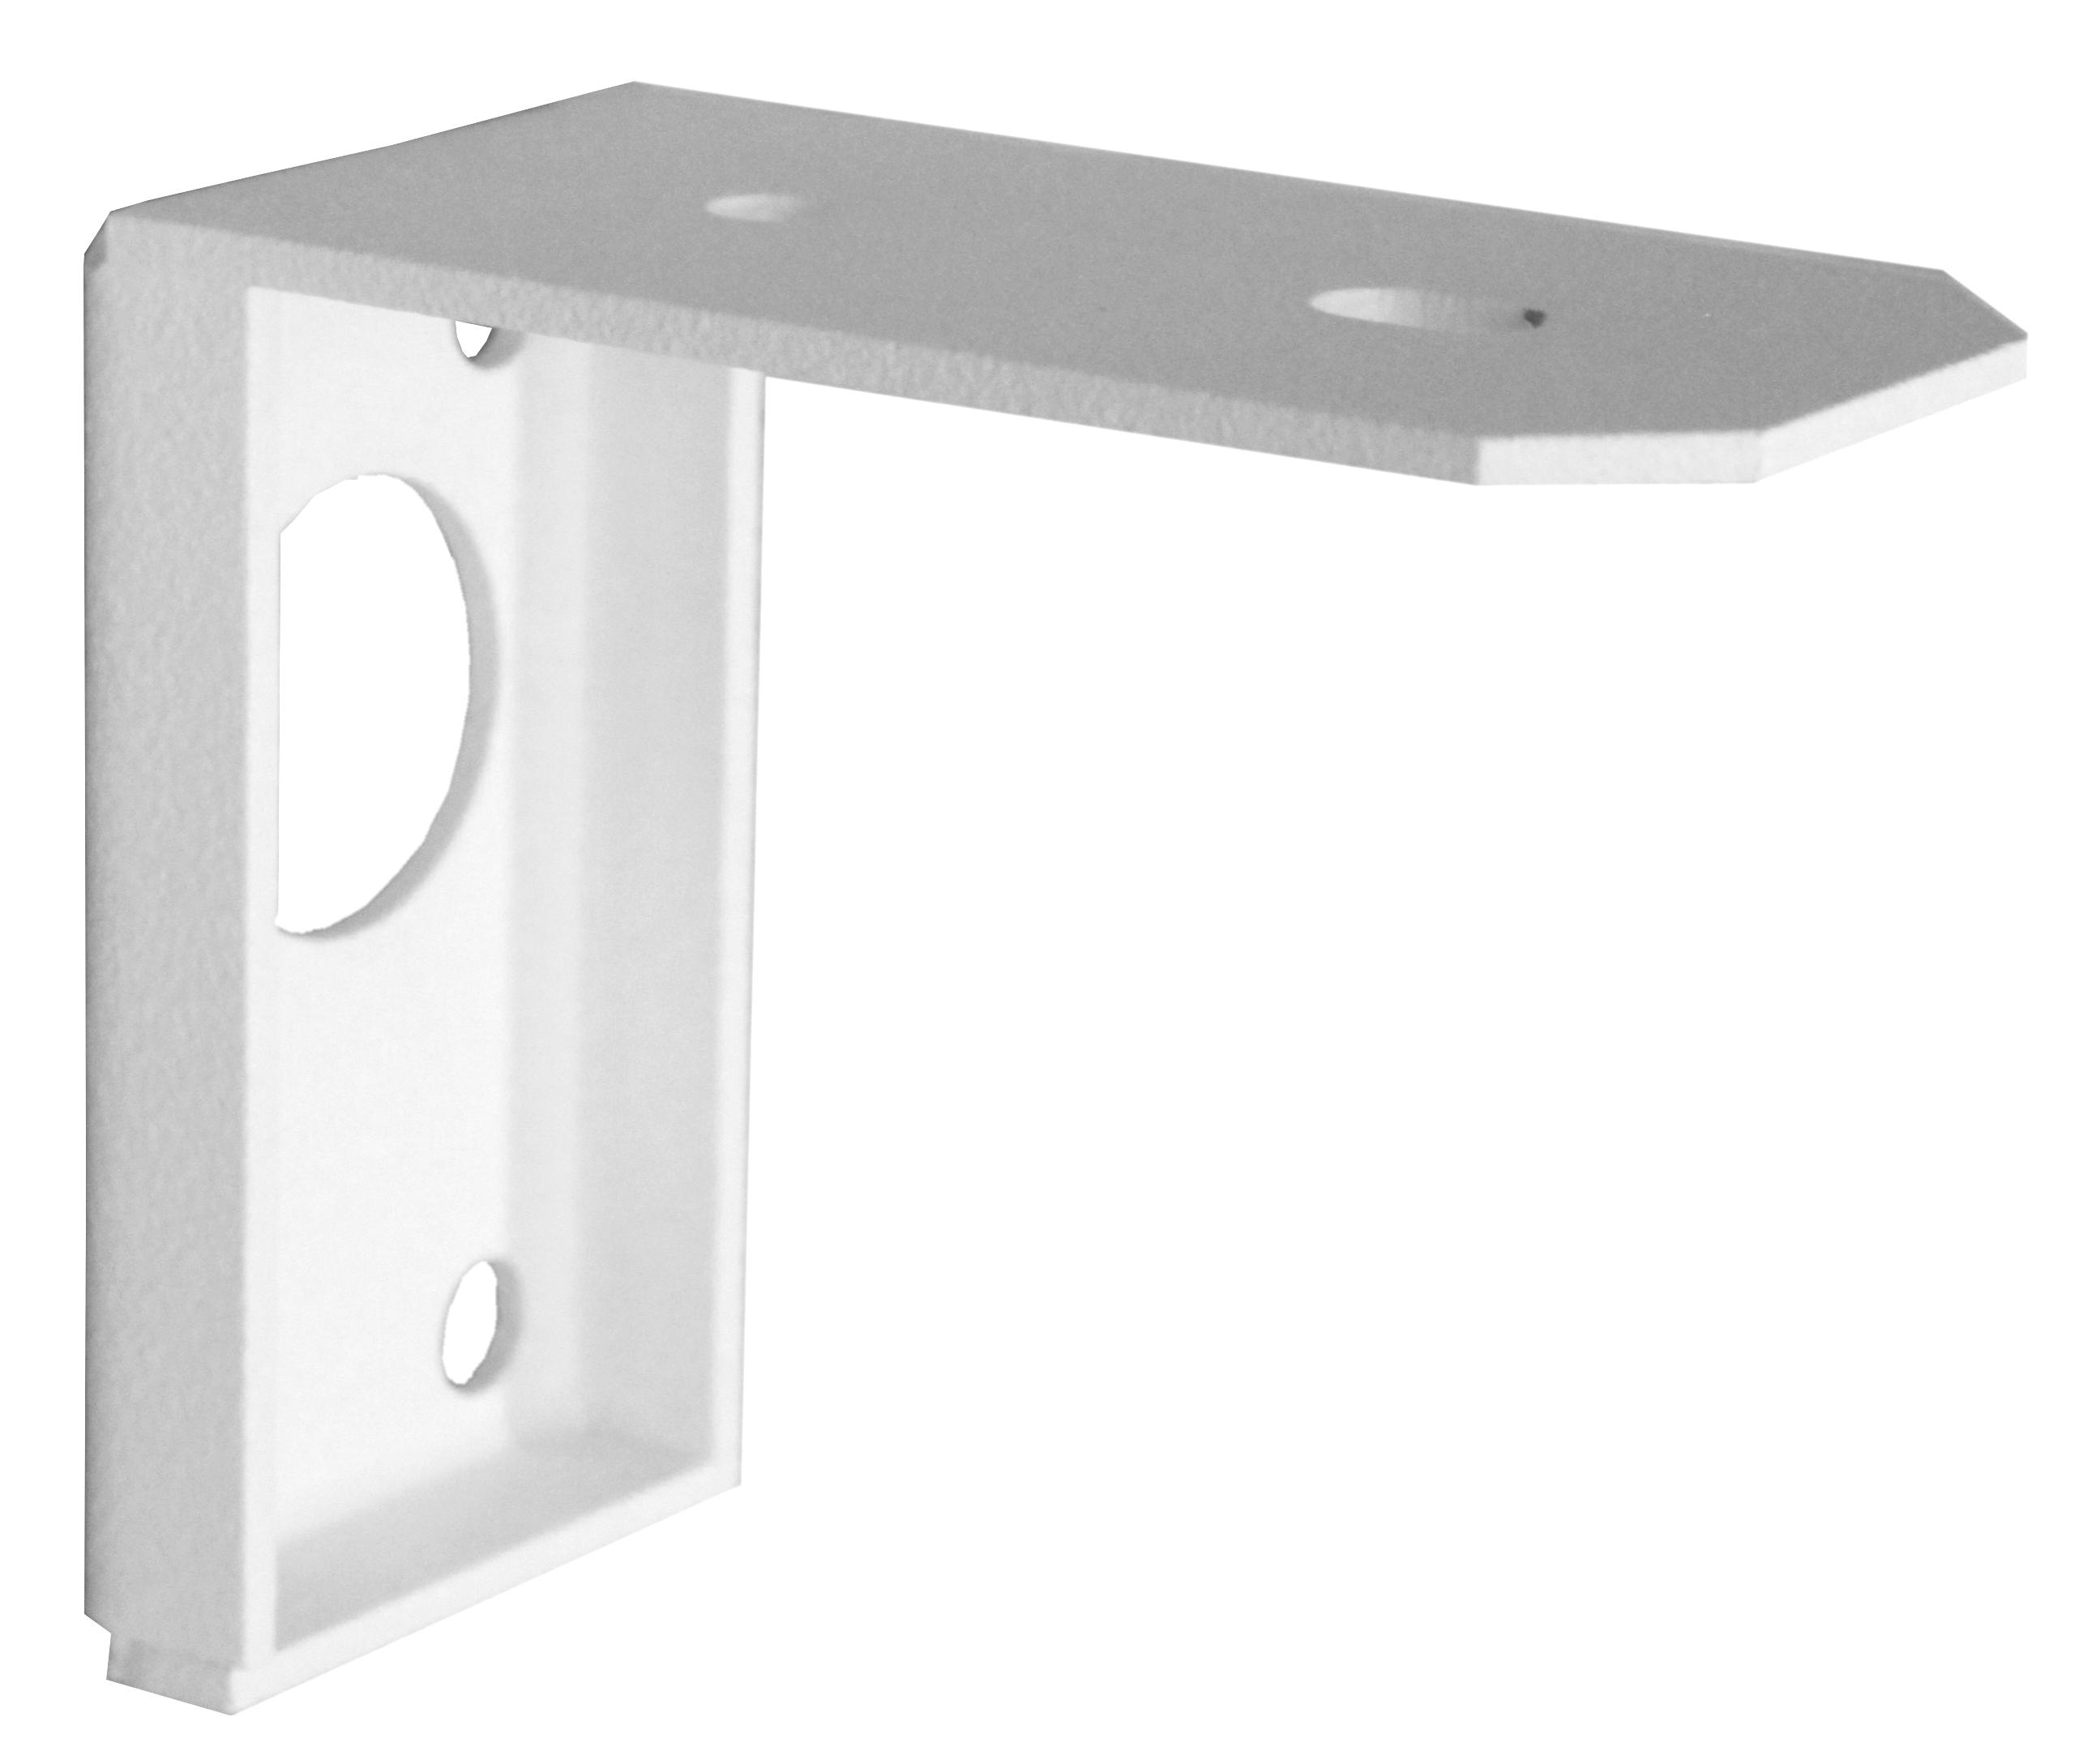 1 Stk Wandausleger weiß für Notleuchten Design KM/KS NLAWKSU---